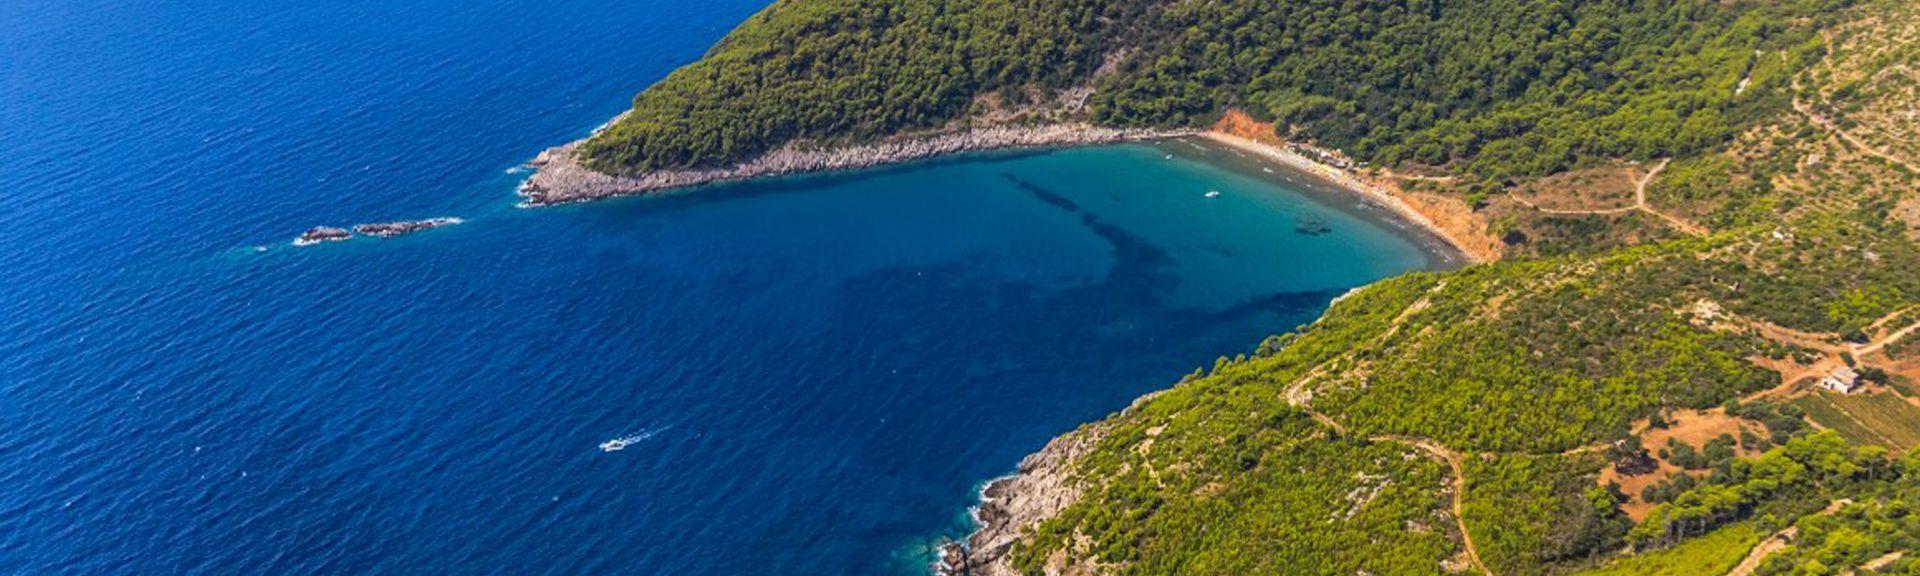 Banići, Croatia